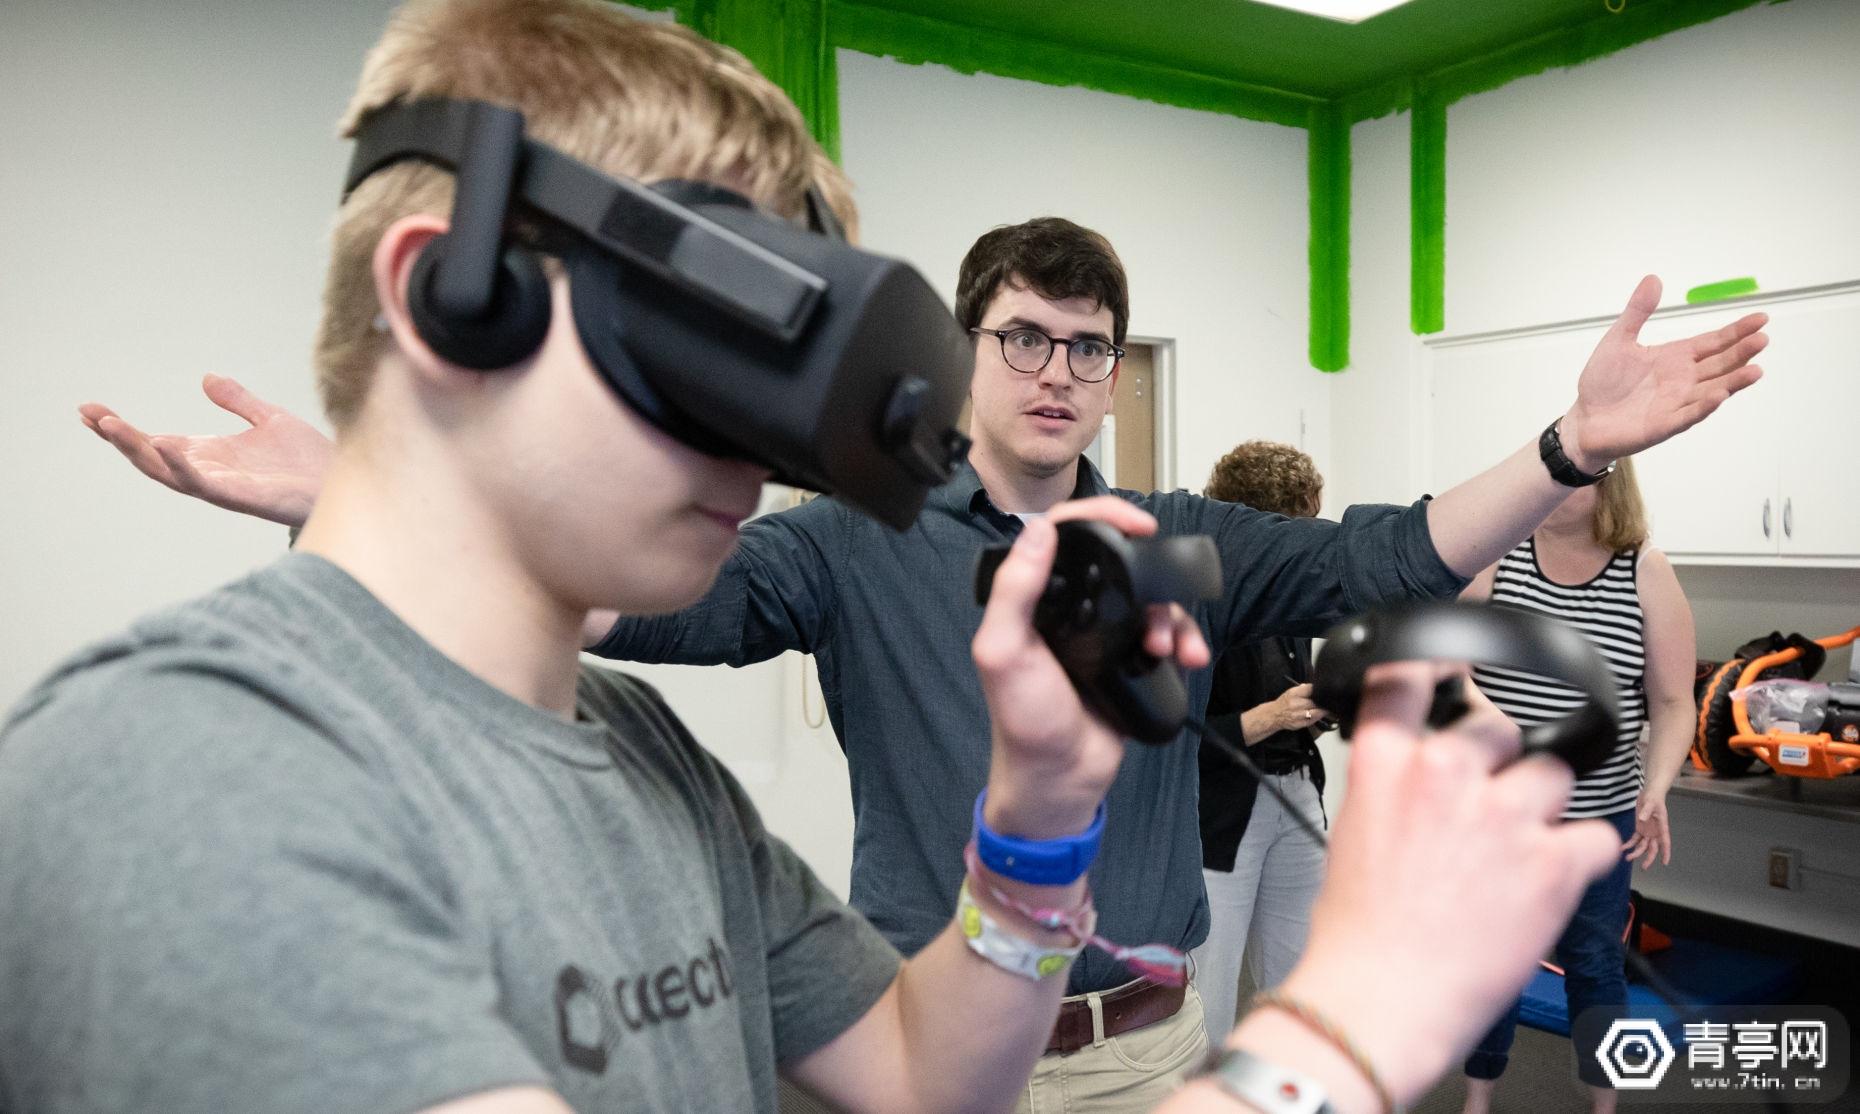 基于动捕技术,医疗机构专为脑瘫儿童开发VR游戏